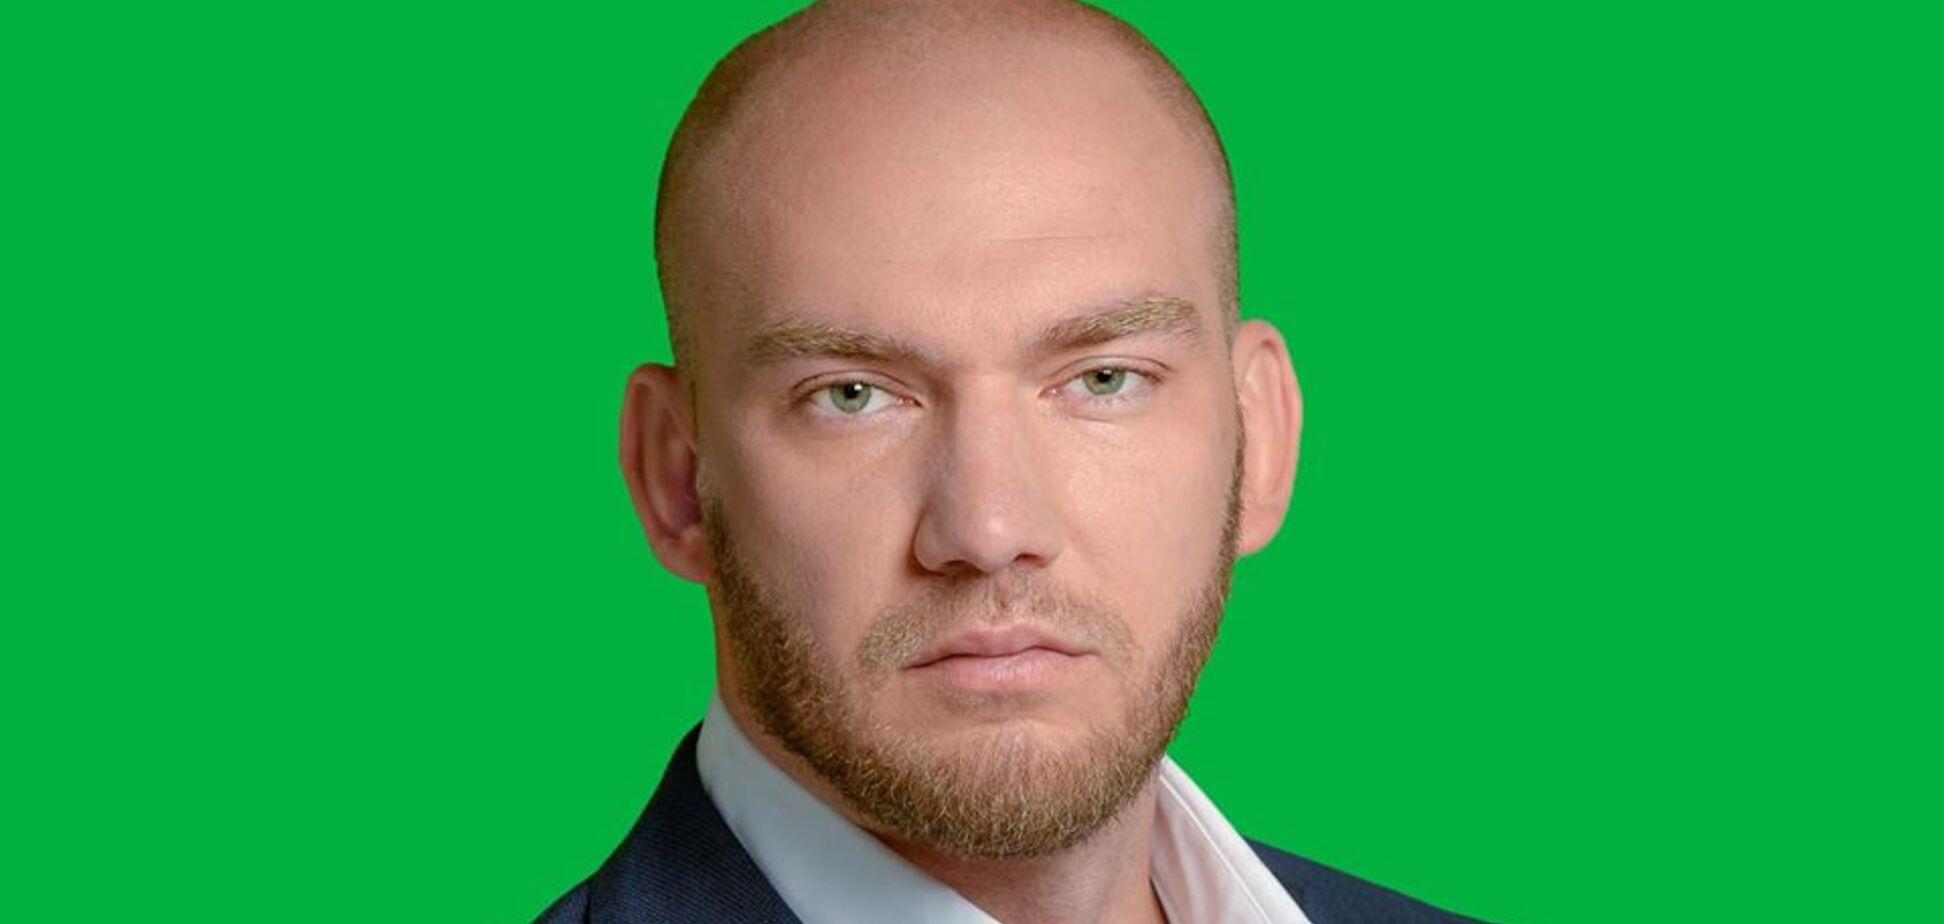 Про мэра Труханова, автопробег 9 мая, коррупцию и пожары в Одессе: интервью с нардепом Алексеем Леоновым